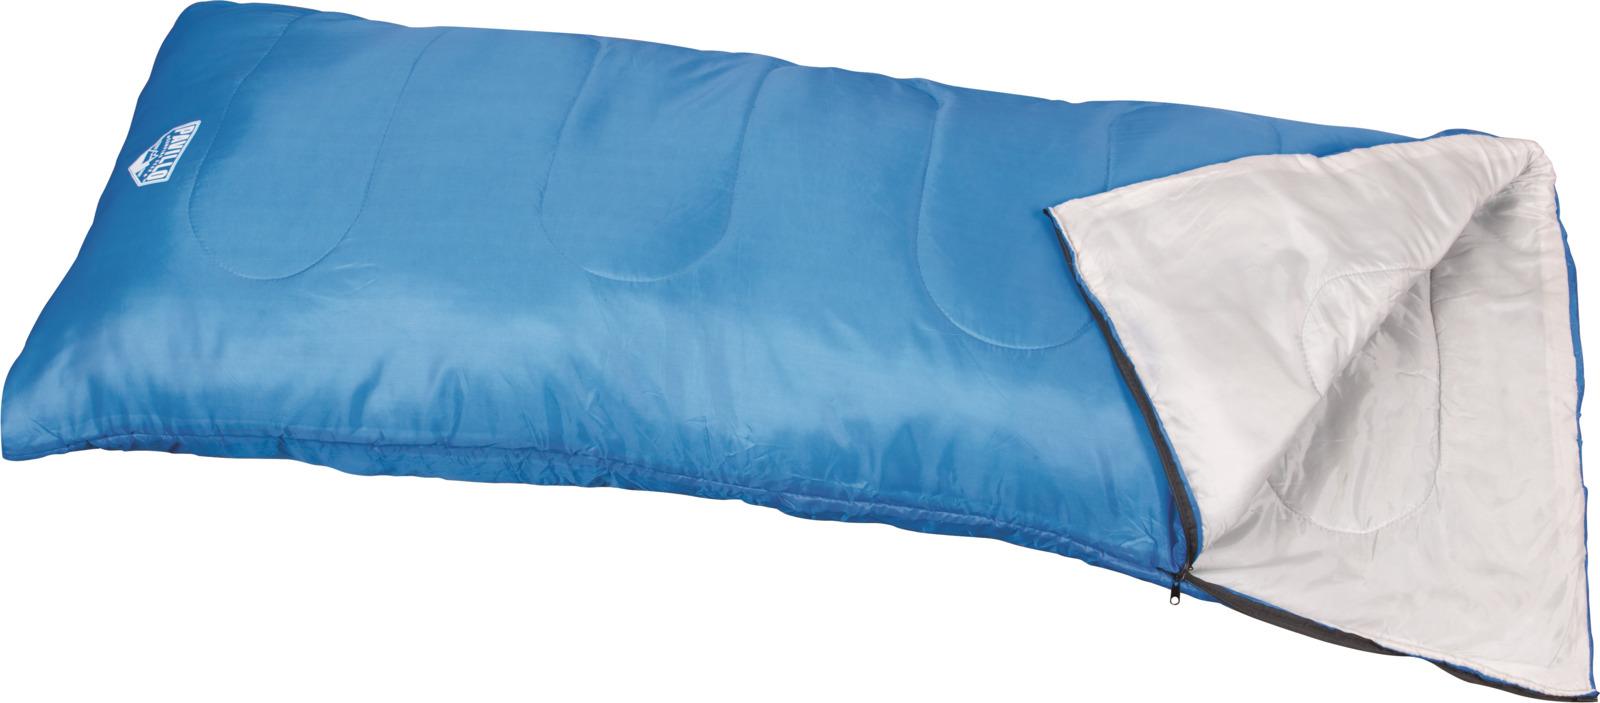 Bestway Спальный мешок Evade 200, цвет: синий